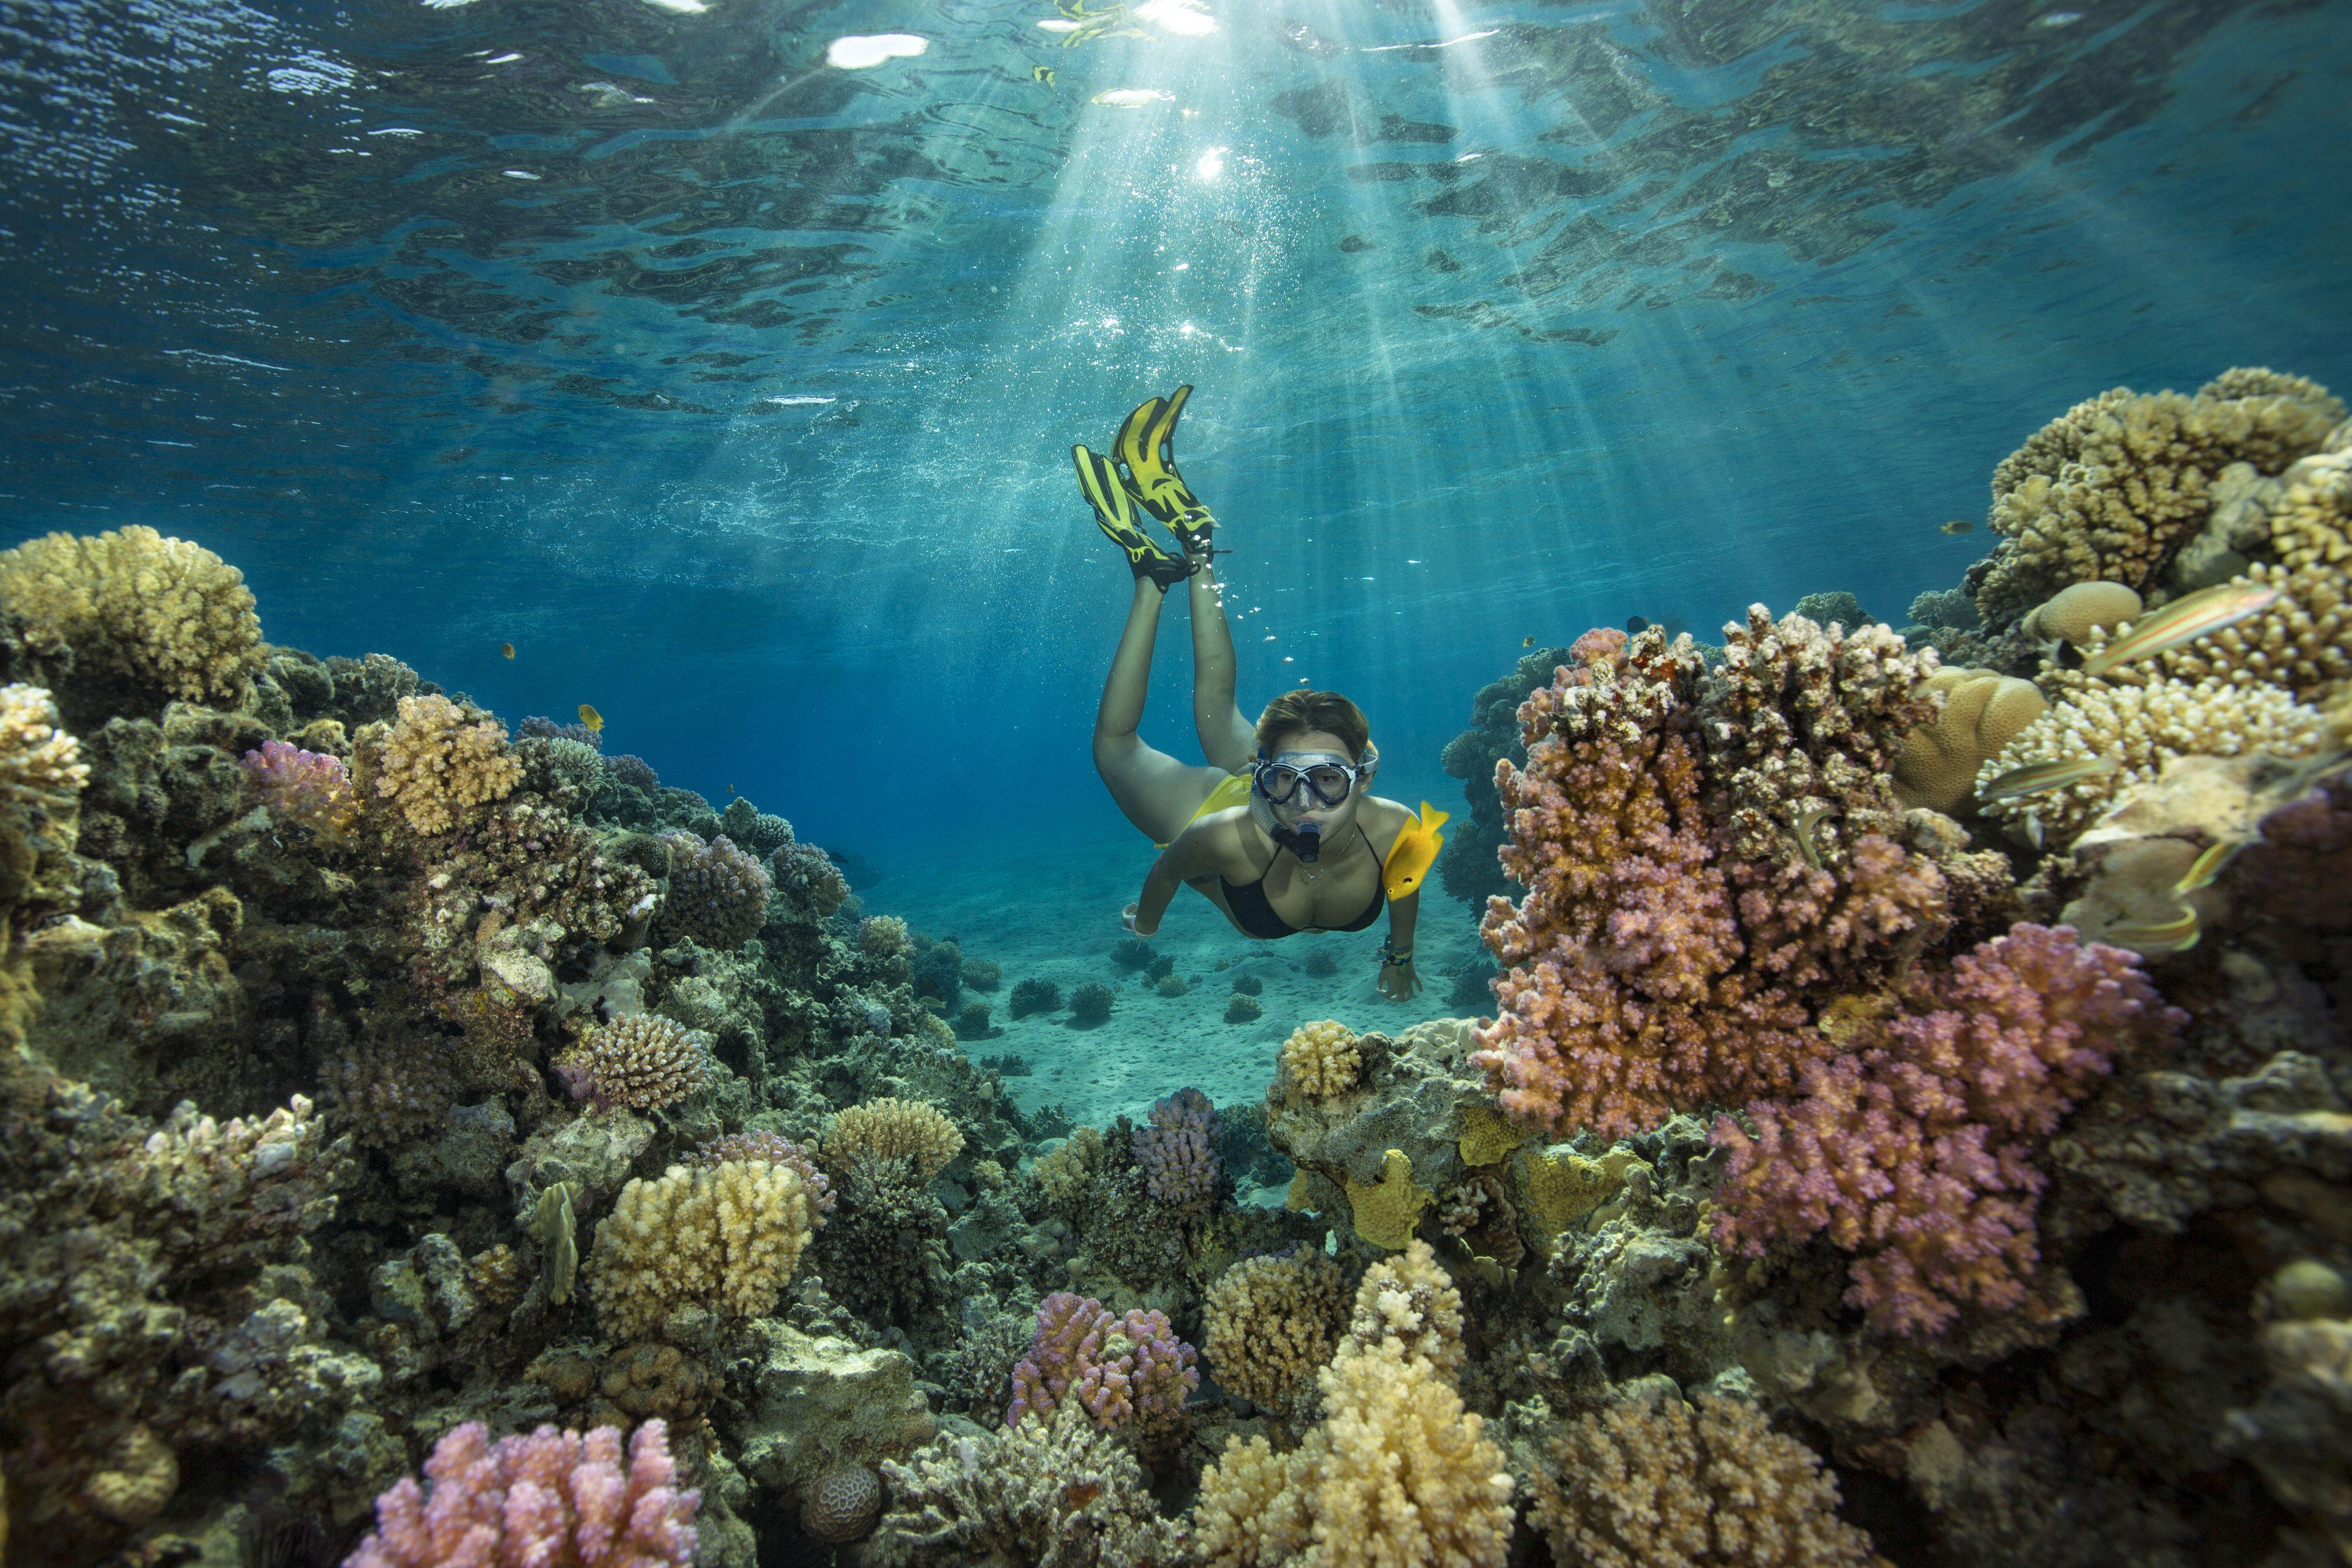 Egipto, Mar Rojo, Hurghada, adolescente snorkeling en arrecifes de coral